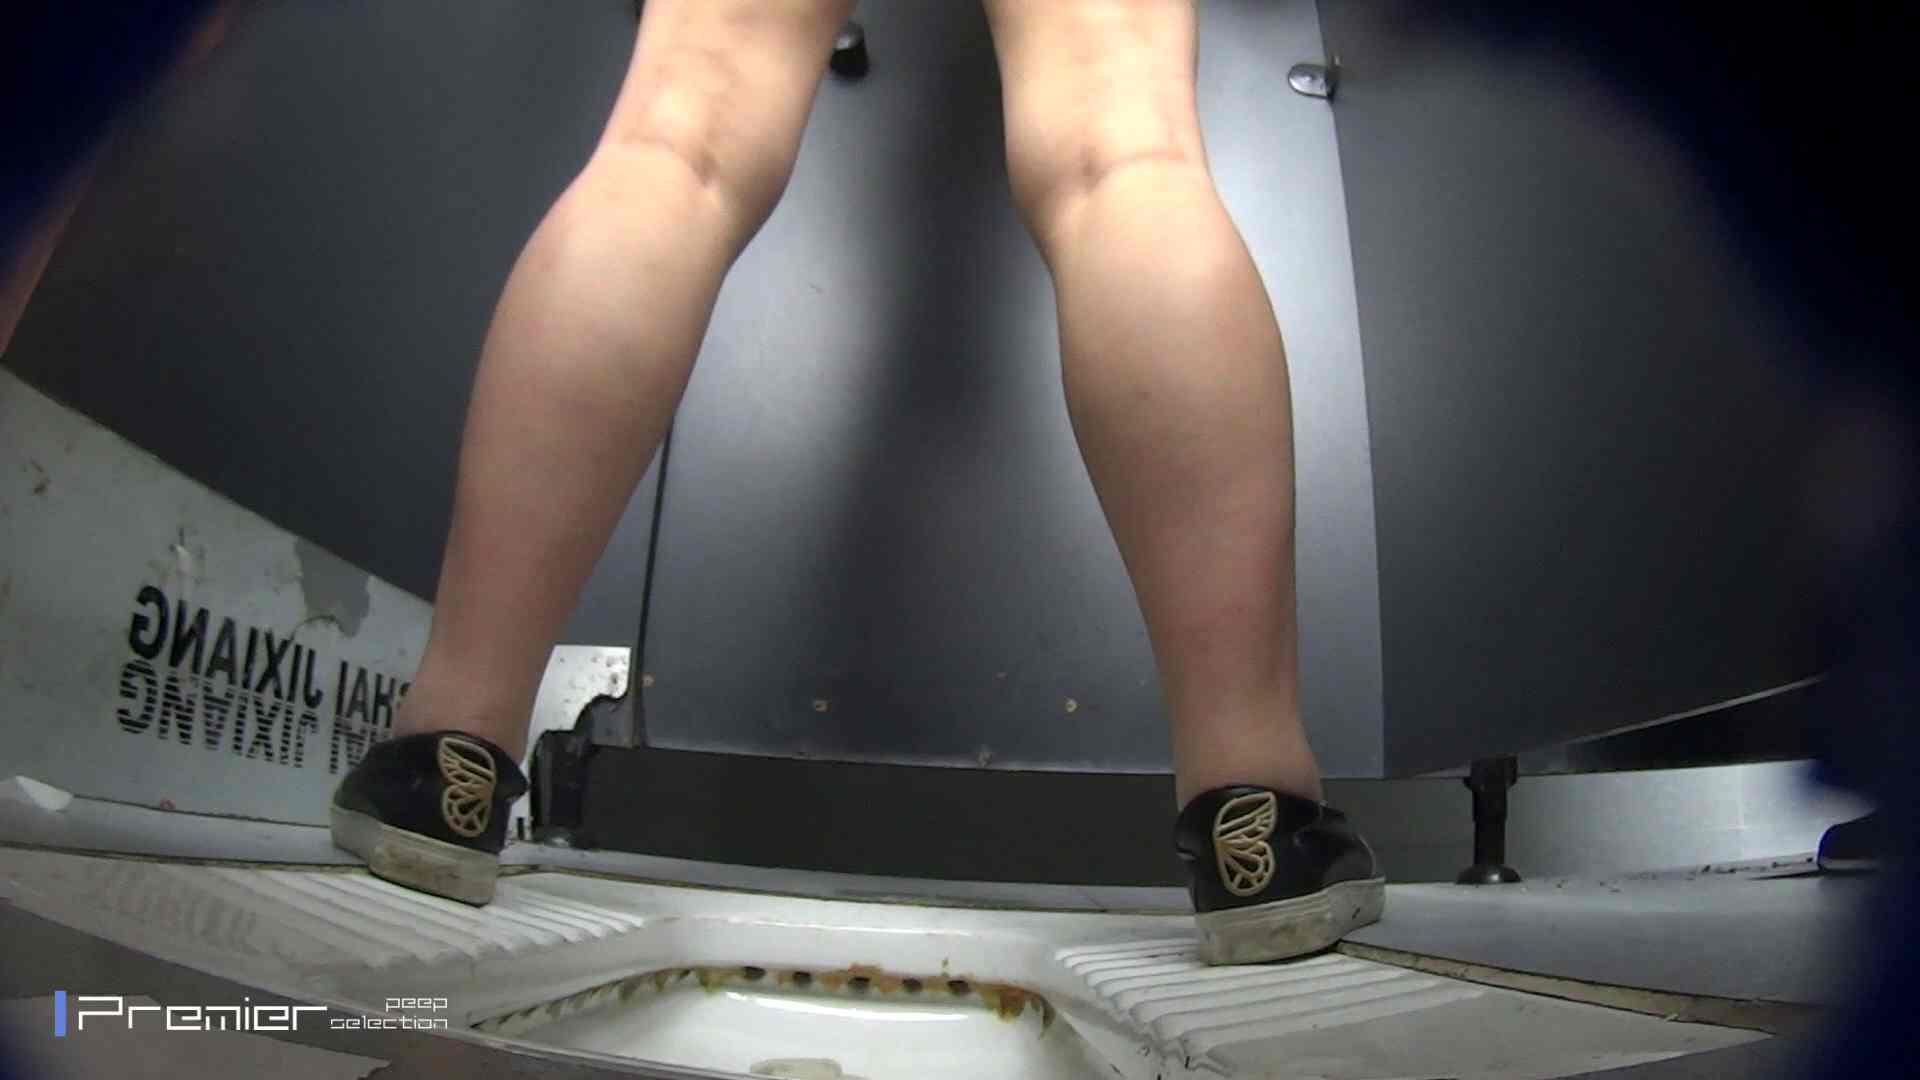 びゅーっと!オシッコ放出 大学休憩時間の洗面所事情47 高画質  64PIX 12